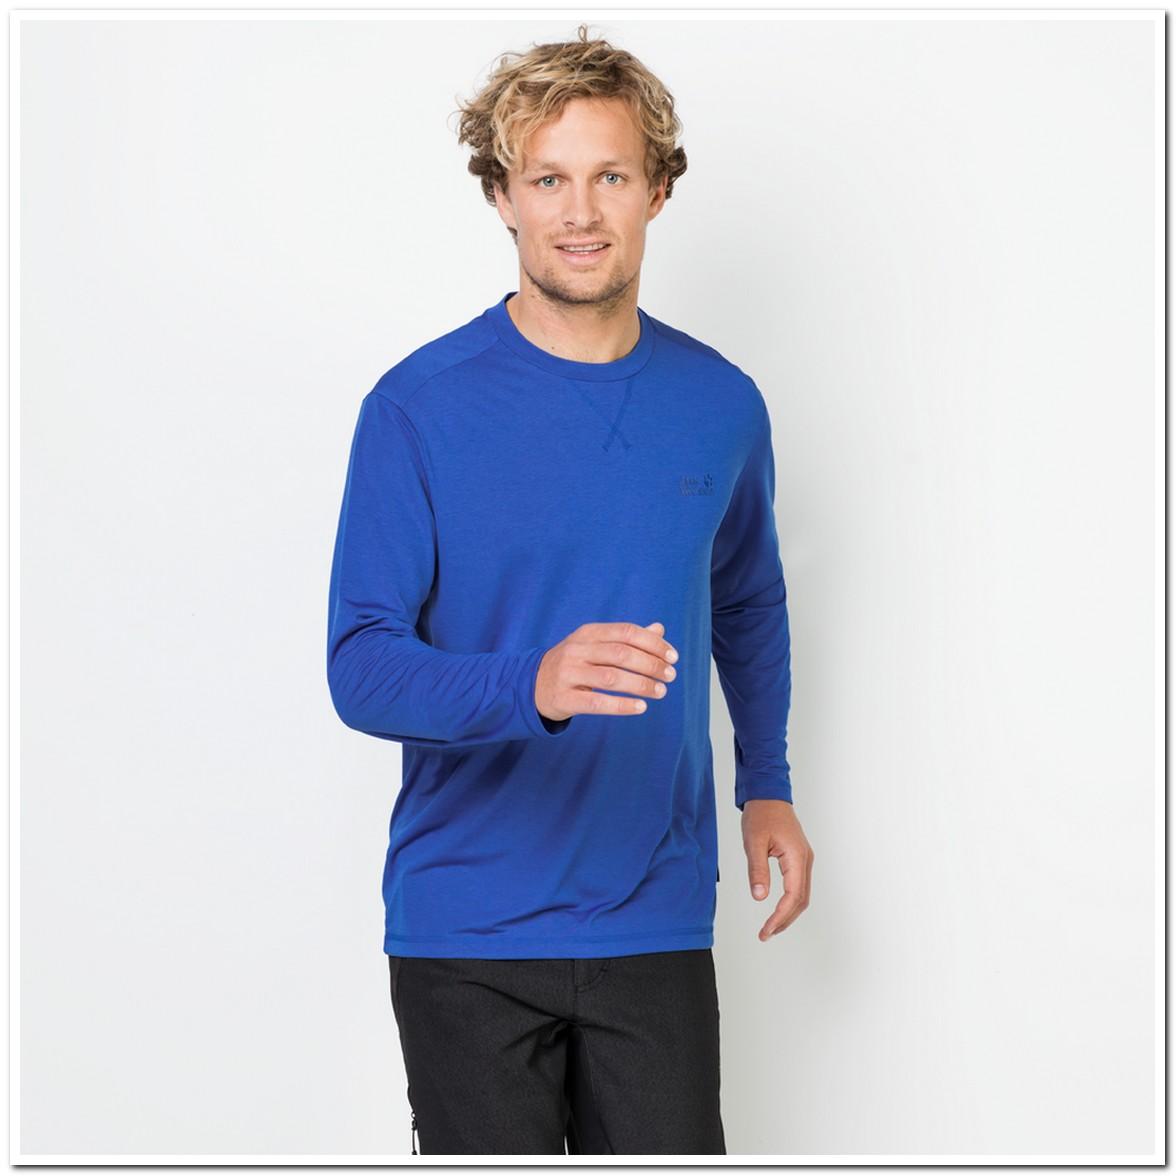 Jack Wolfskin CROSSTRAIL LONGSLEEVE MEN, moška pohodna majica, modra